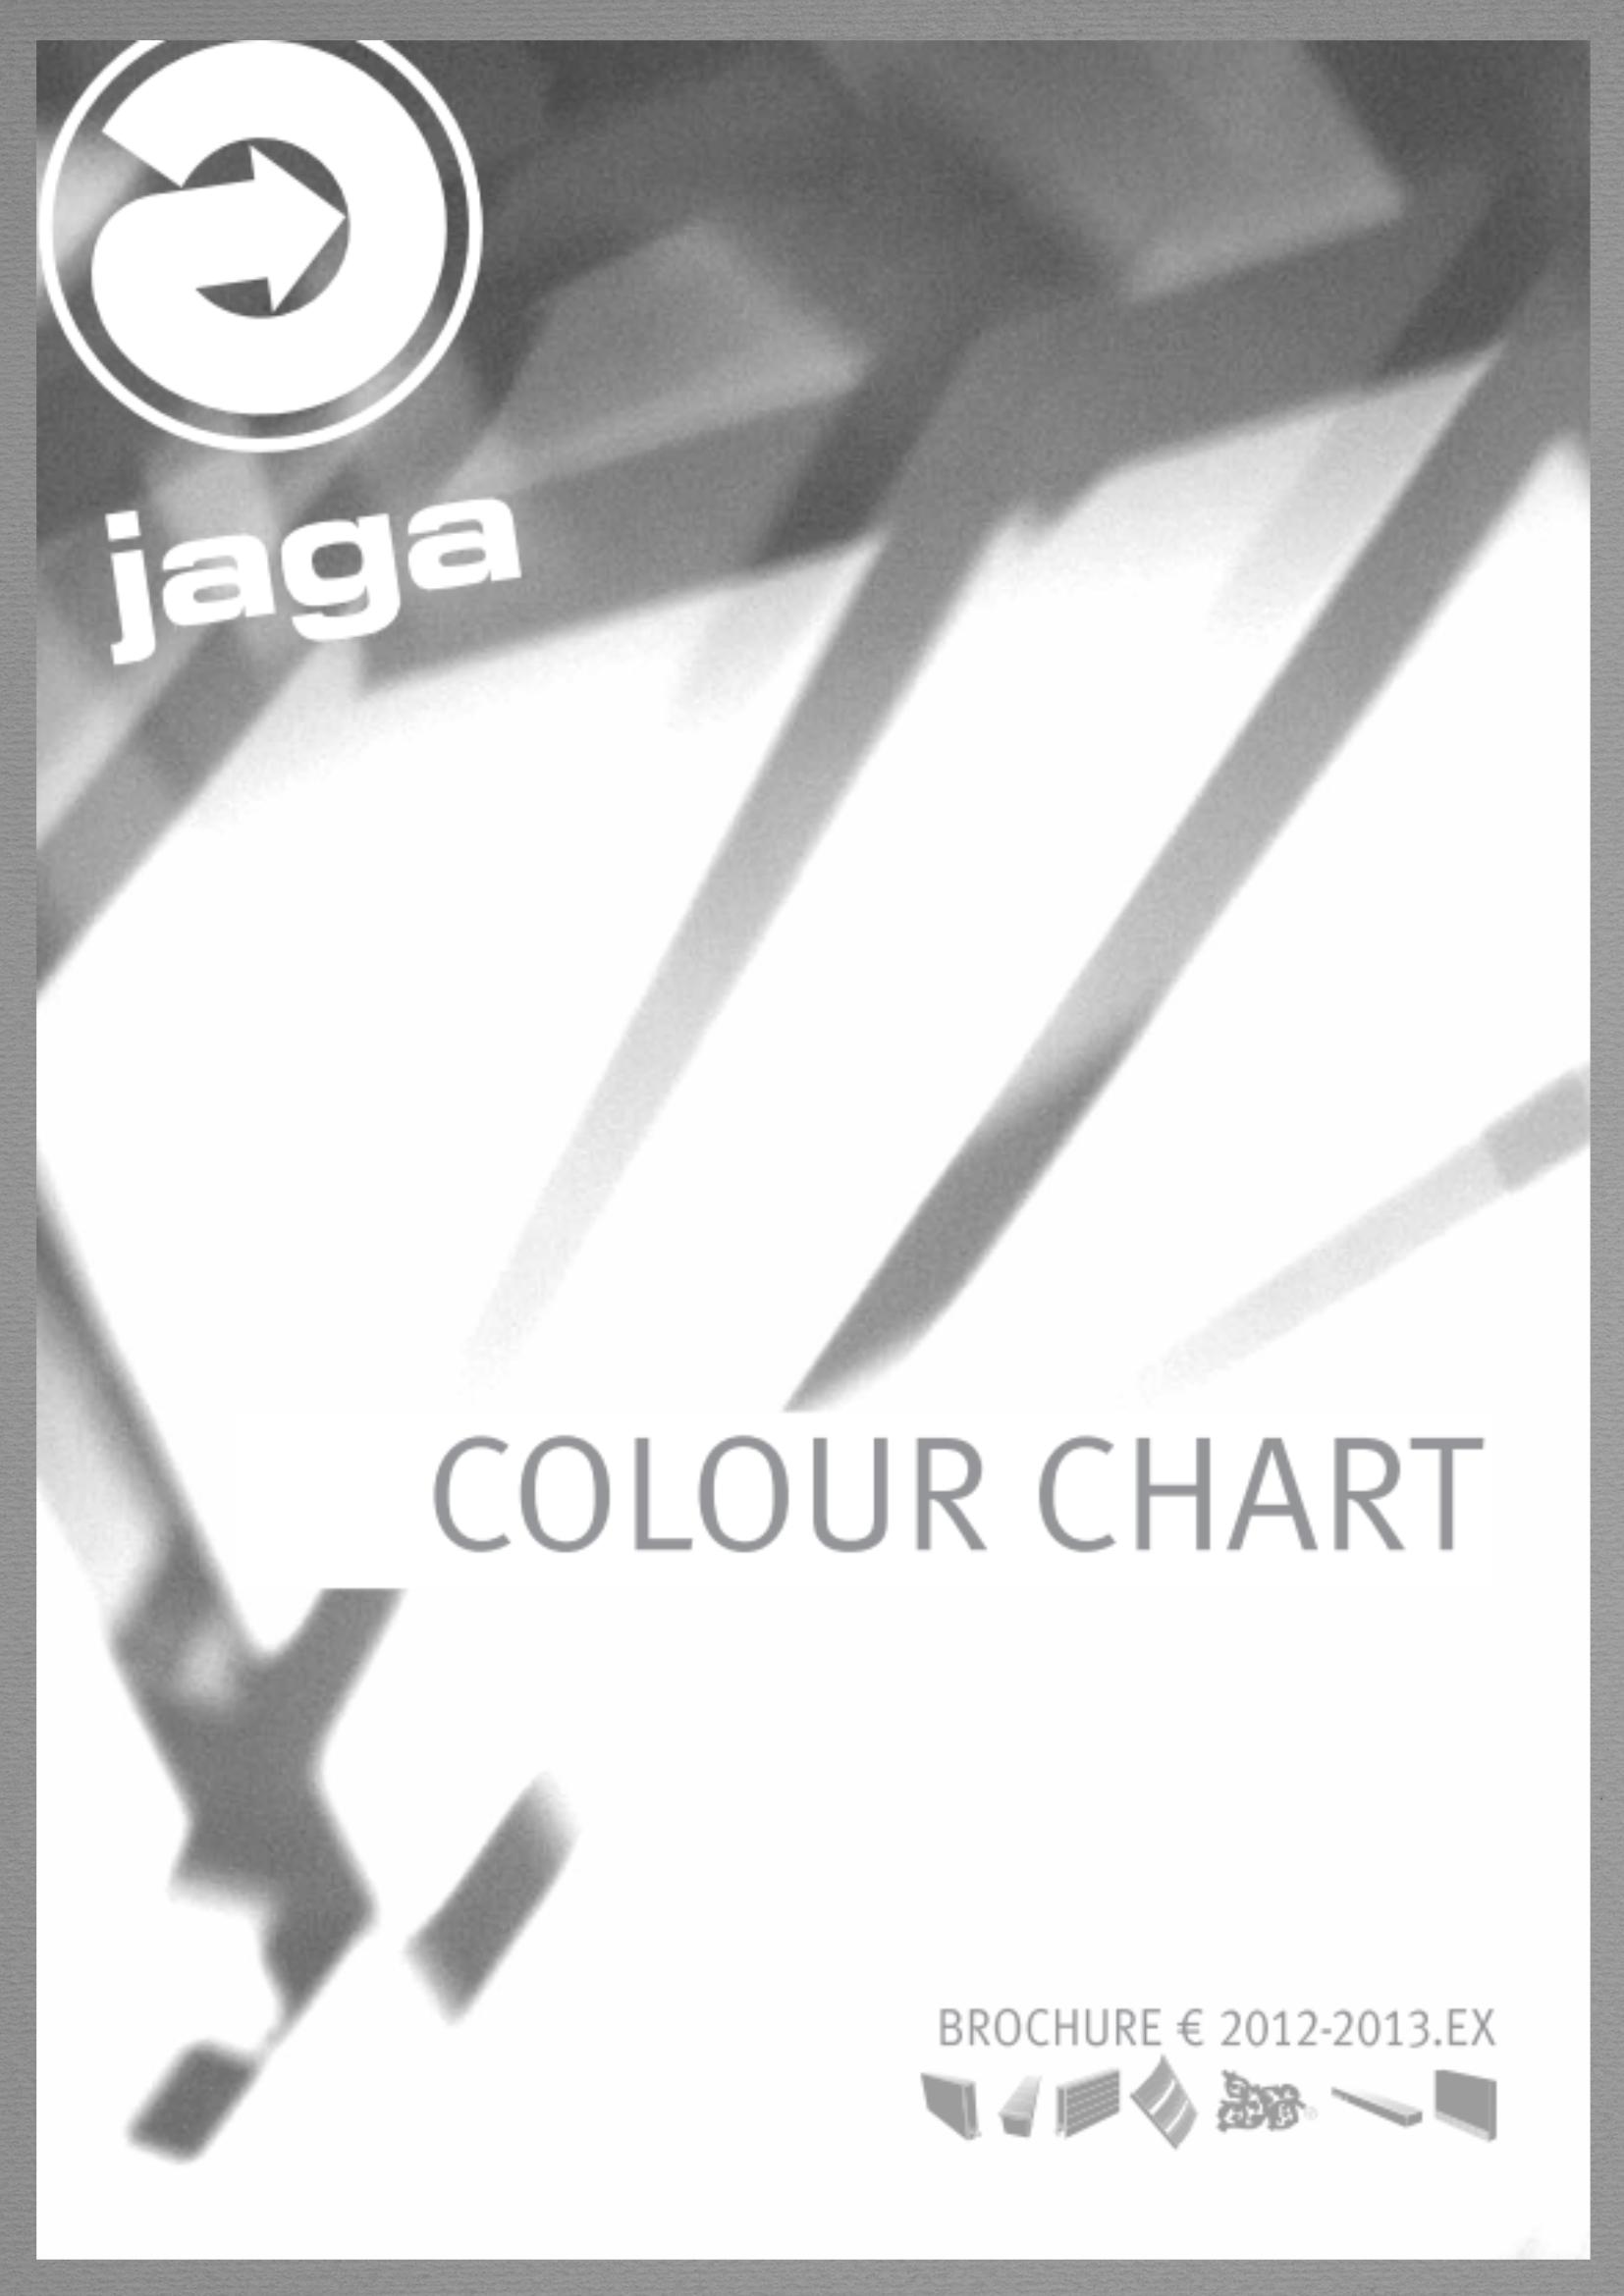 Jaga_Colour_Chart